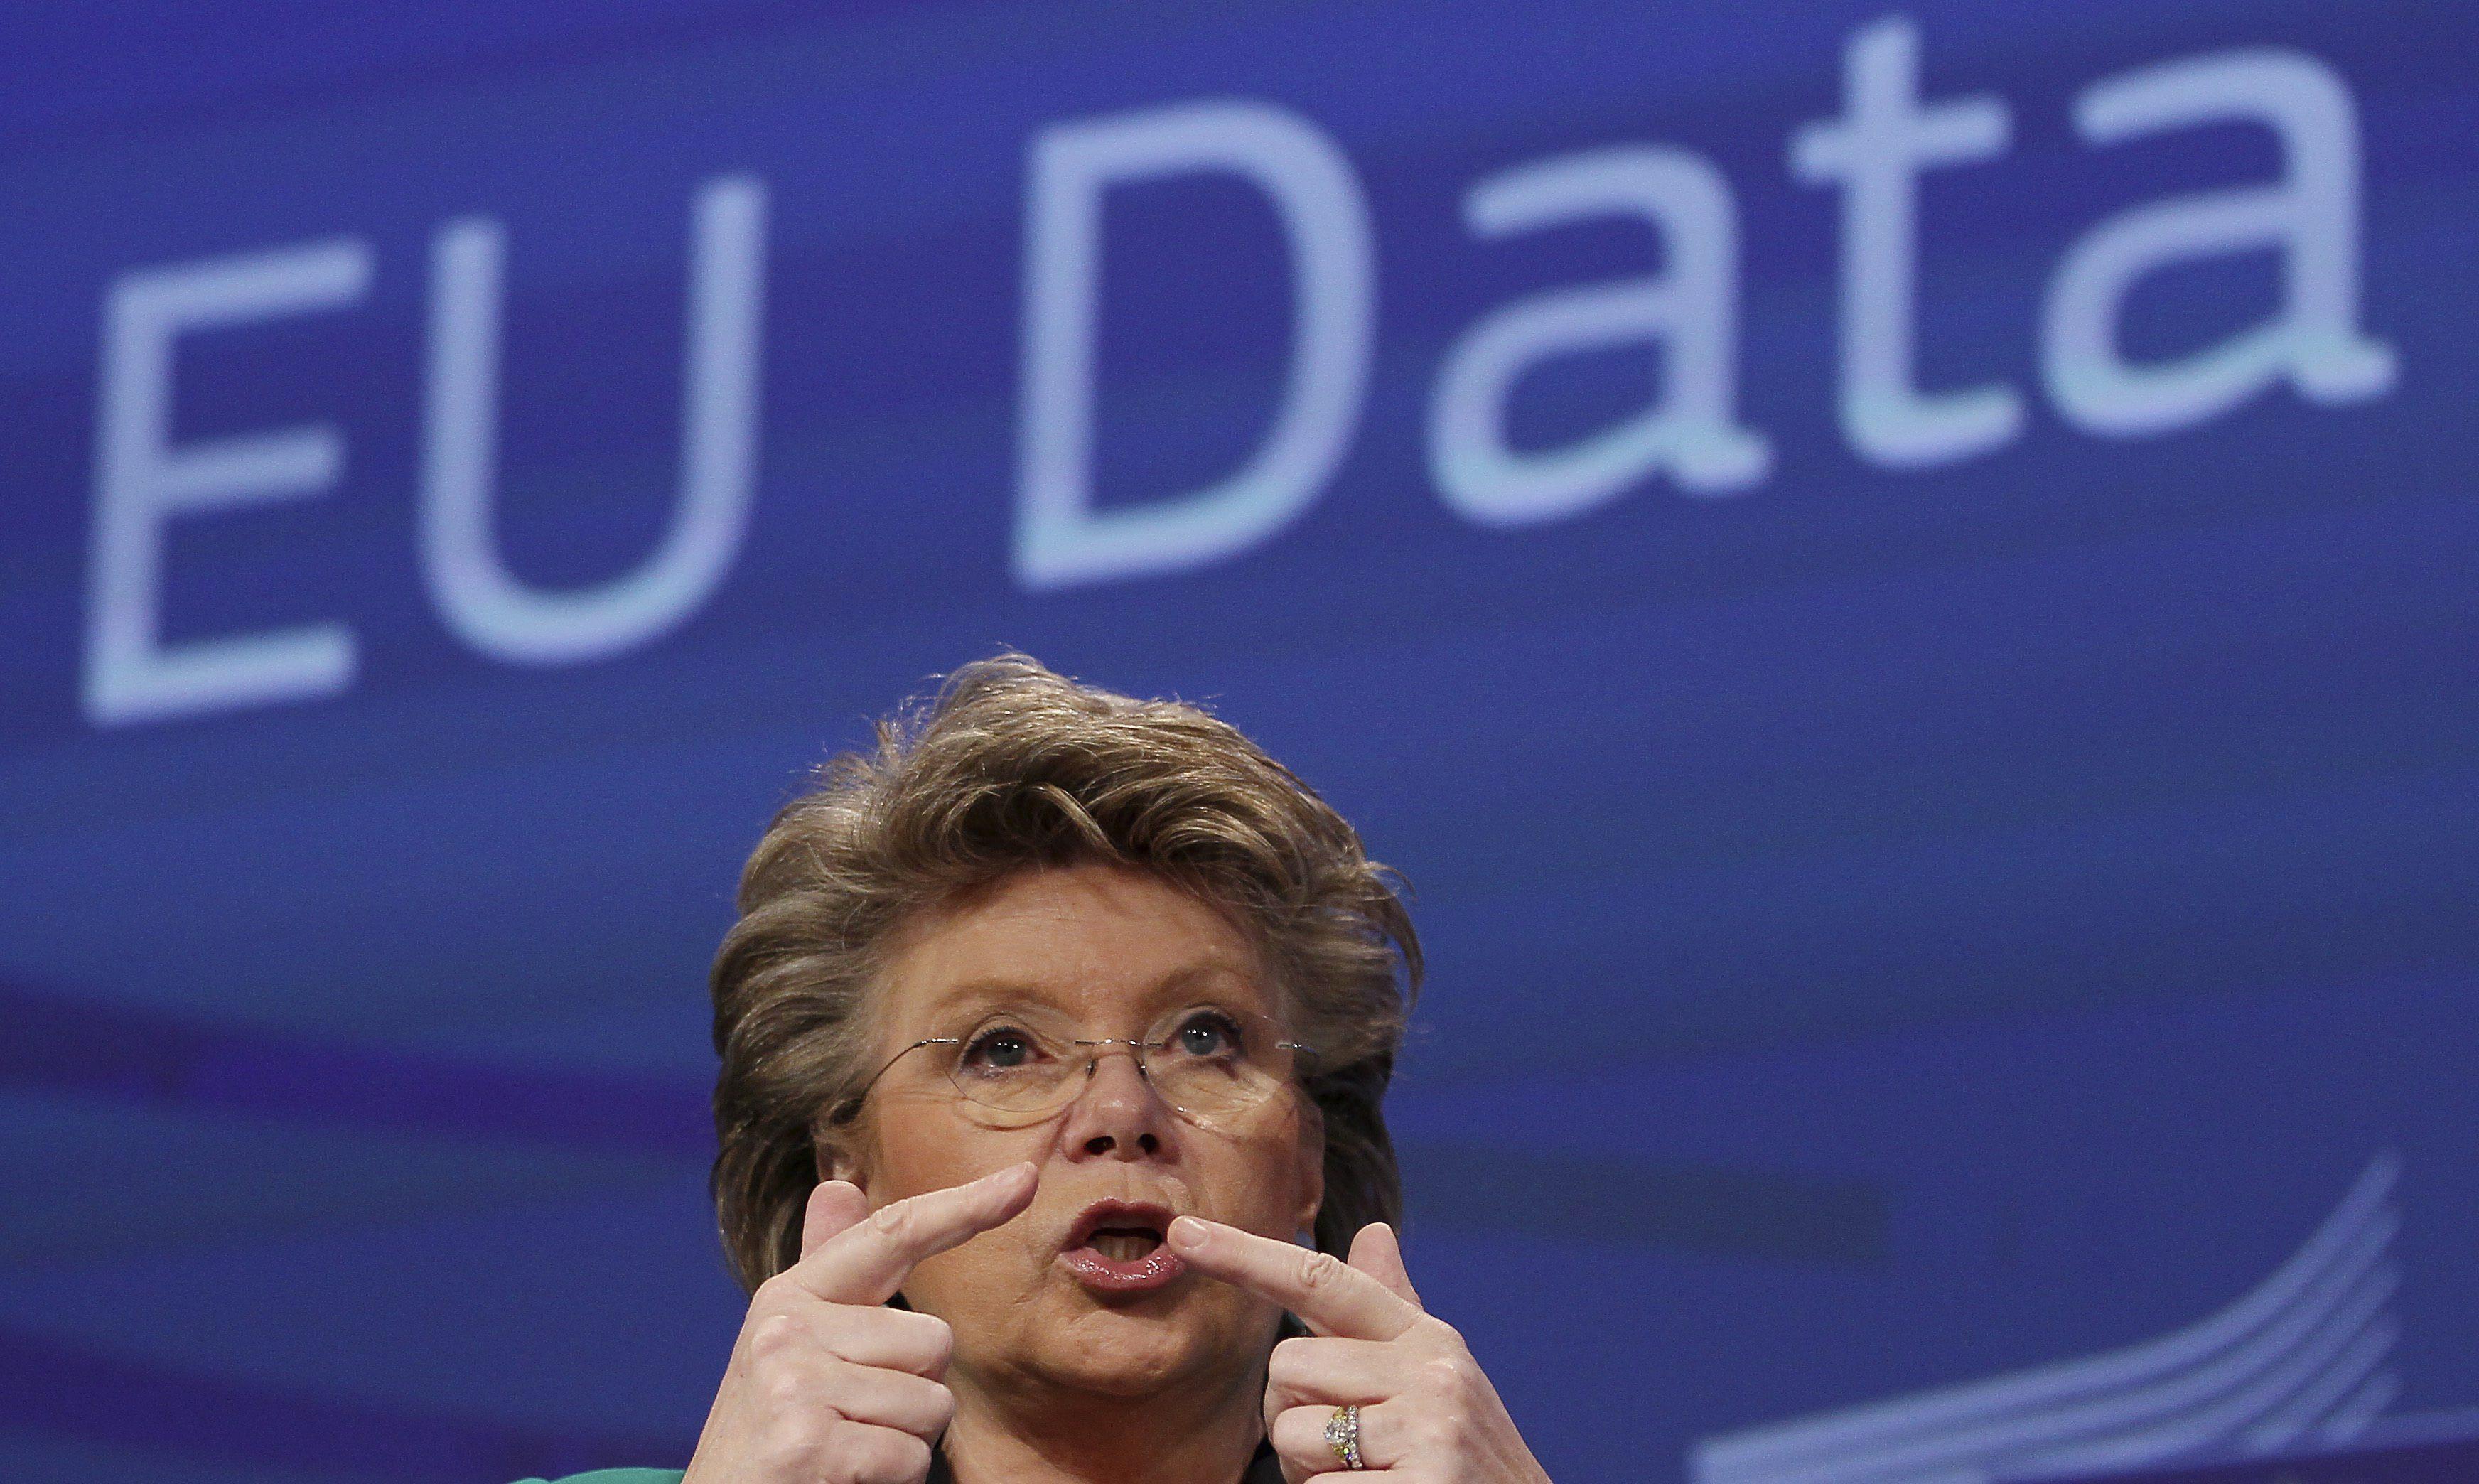 Bruselas propone obligar a las web a borrar los datos personales de internet